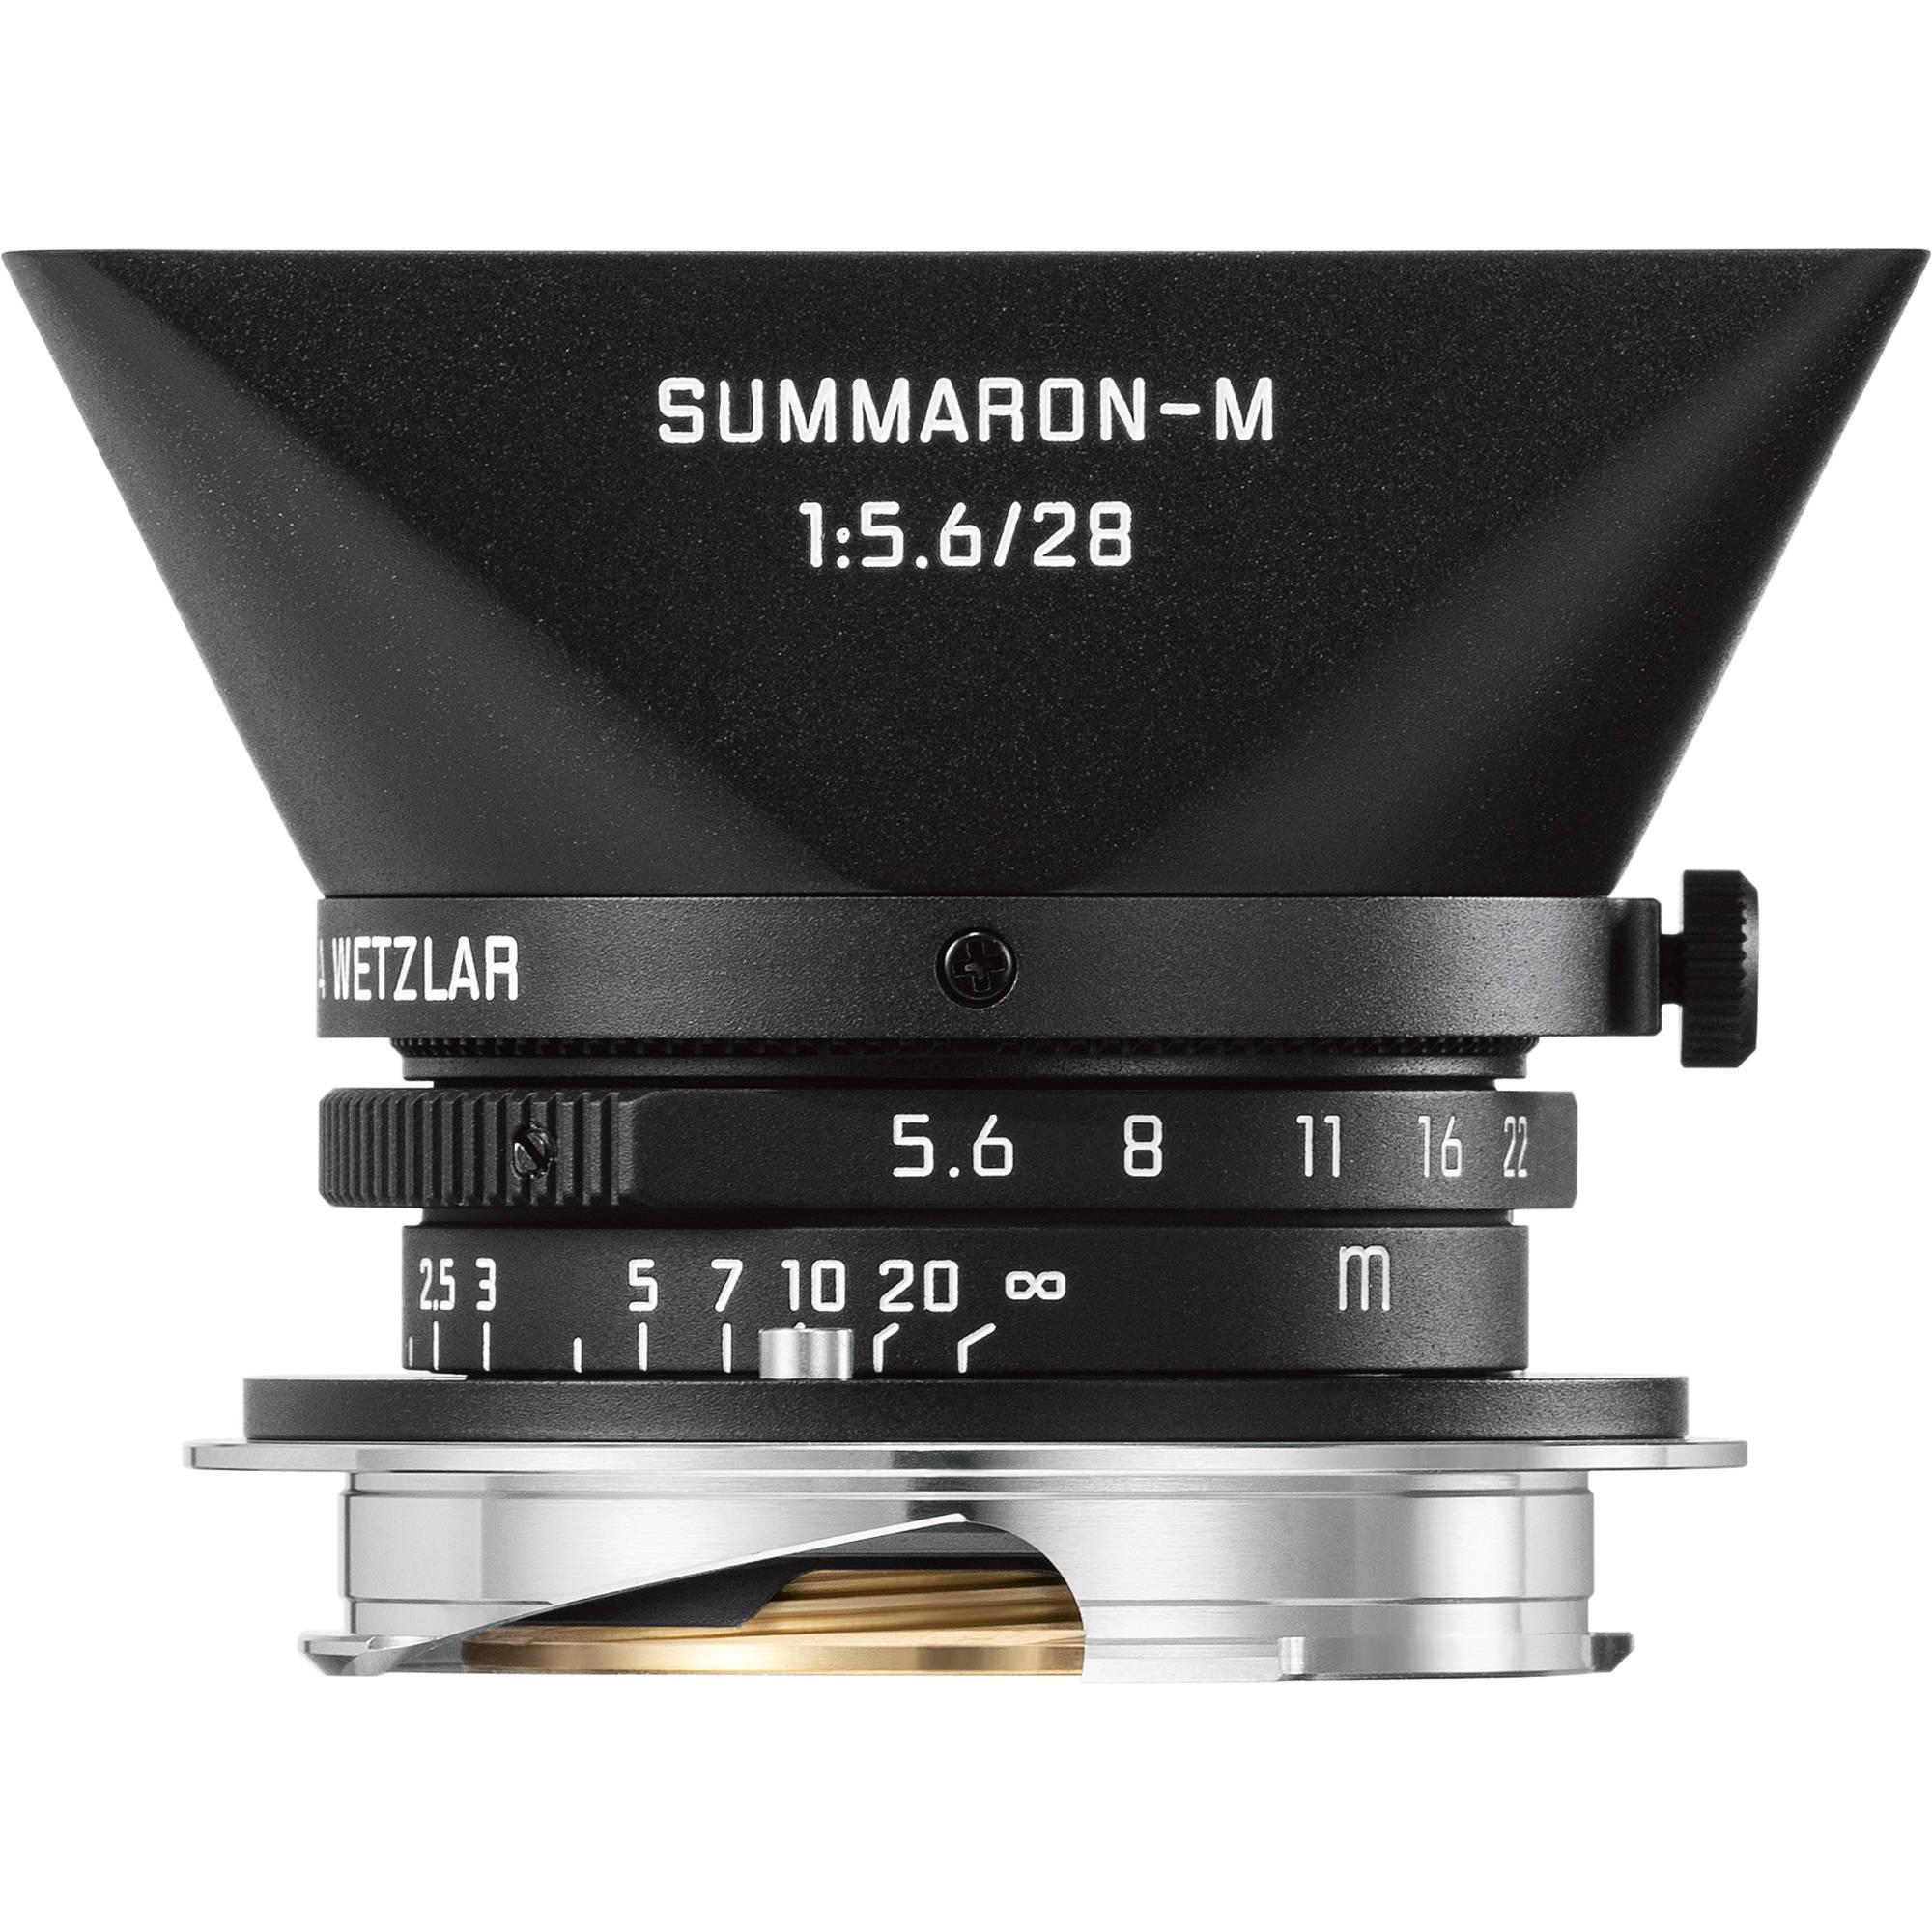 e329d86d61ae Leica Summaron-M 28mm f 5.6 Lens (Matte Black Paint) 11928 B H